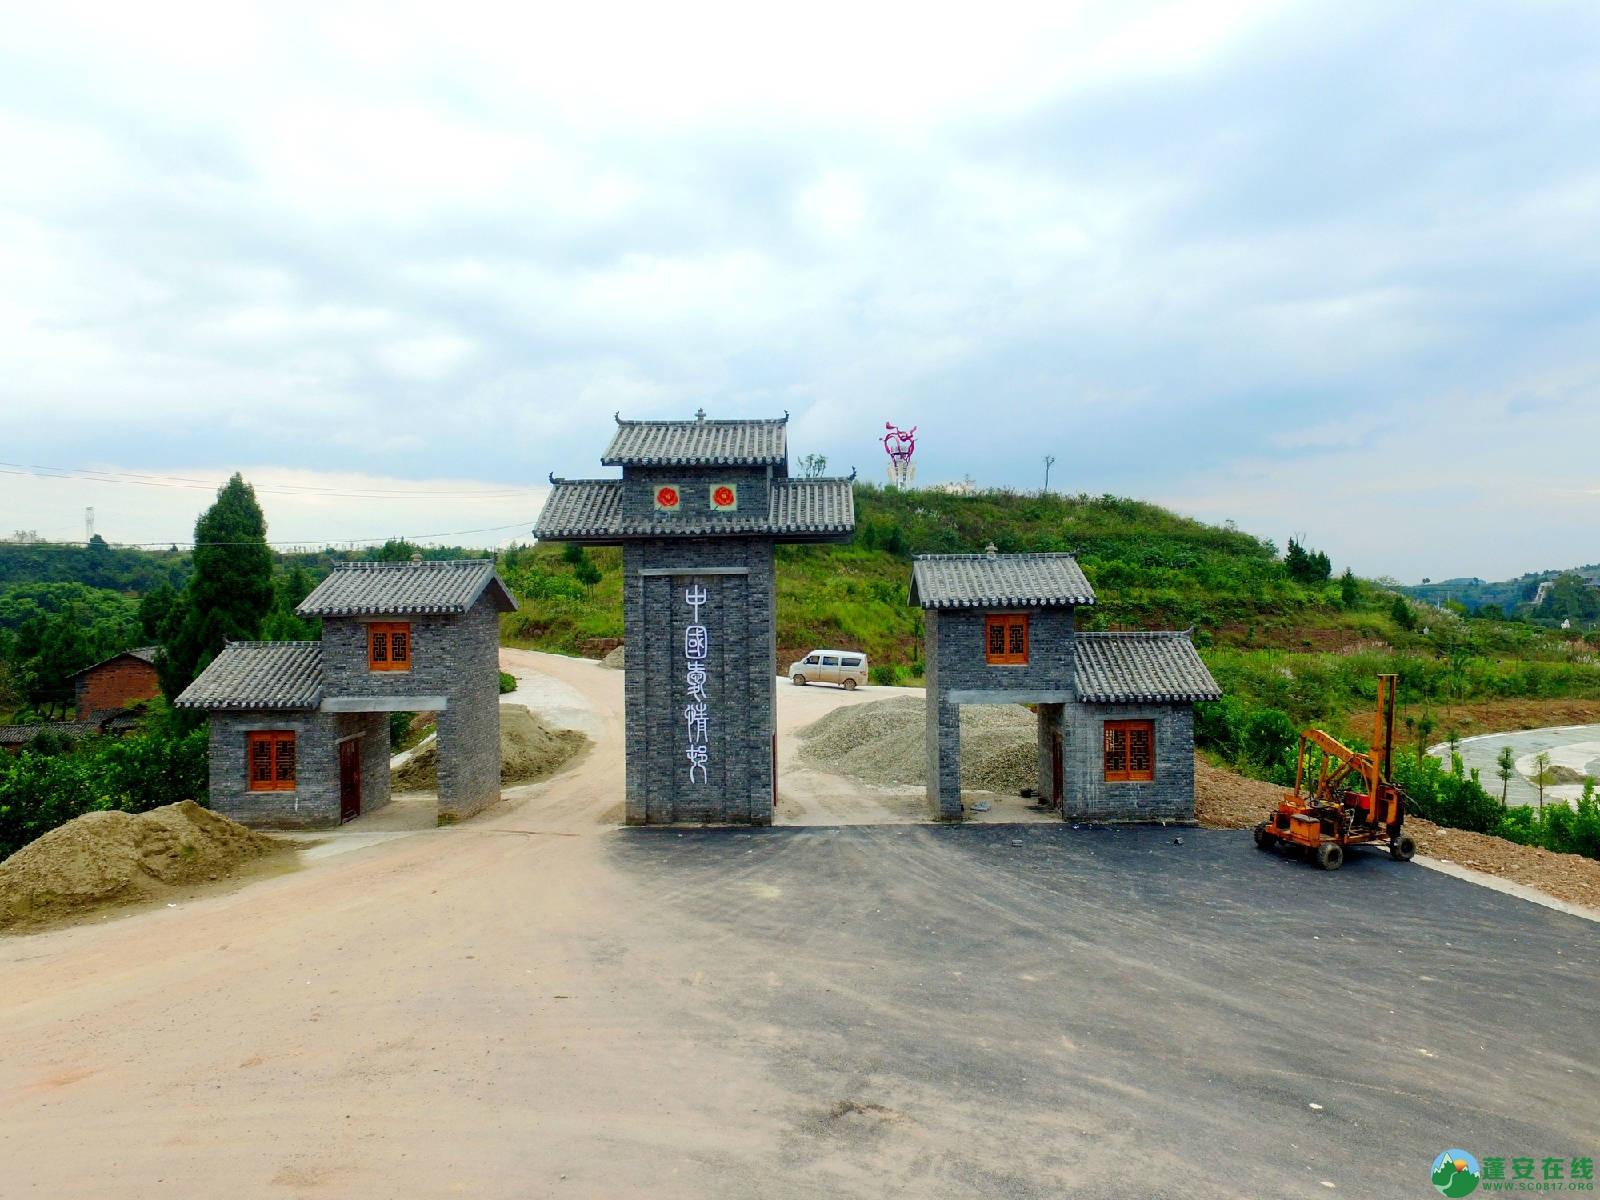 蓬安县正源镇红豆村首个悬空玻璃吊桥正式开放 - 第7张  | 蓬安在线